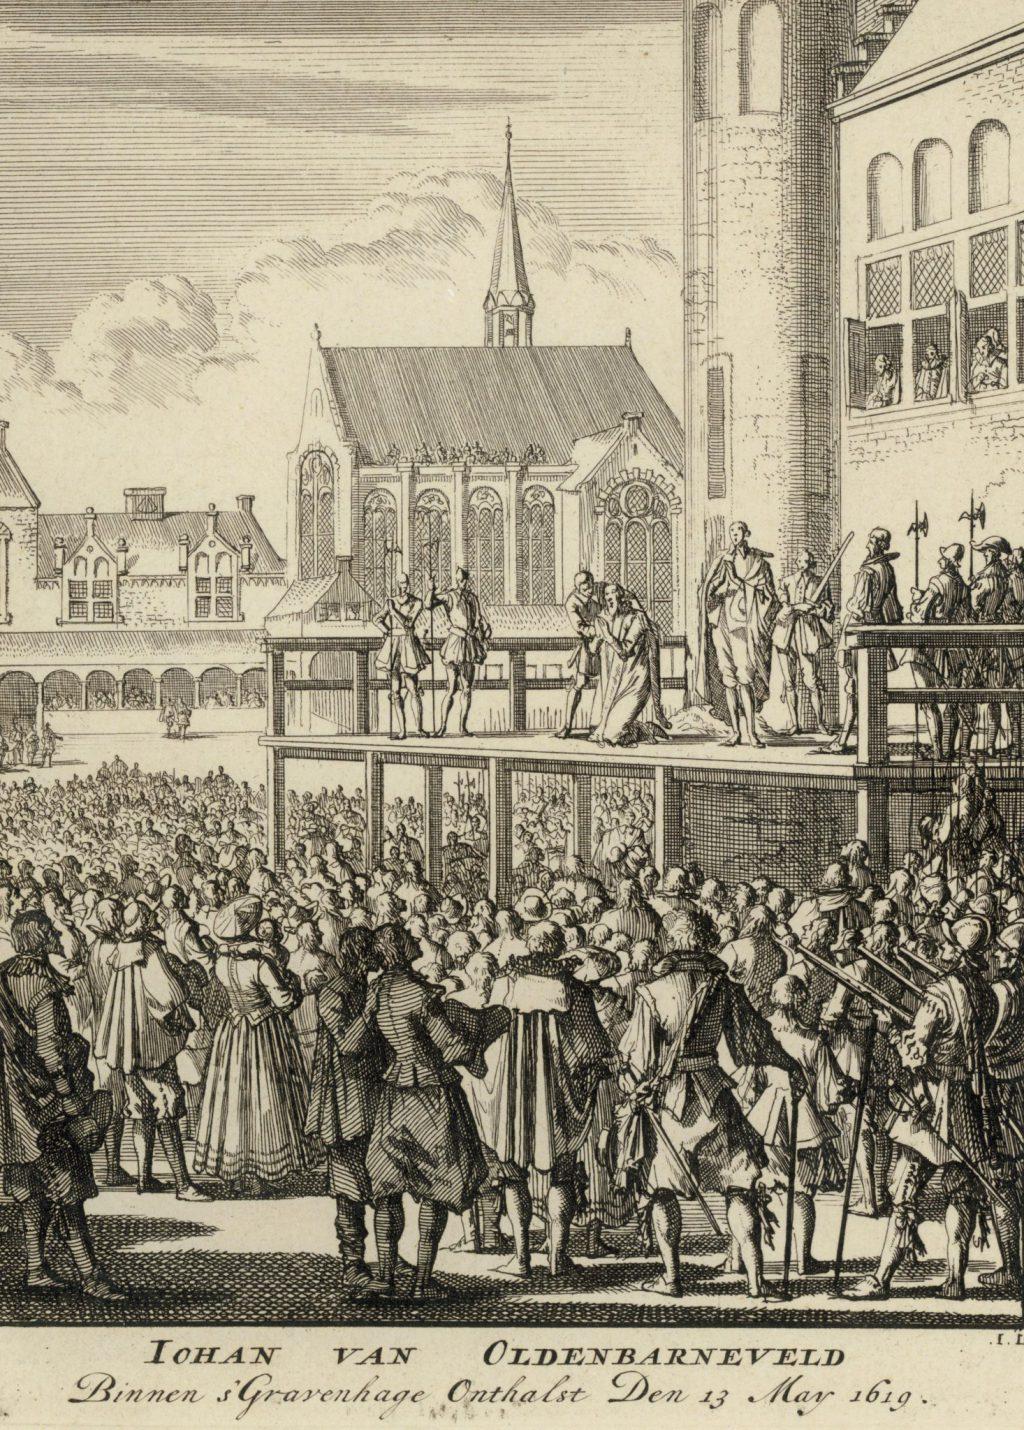 Onthoofding van Johan van Oldenbarnevelt in 1619; gravure van Jan Luyken, circa 1690 (TMS 4315)